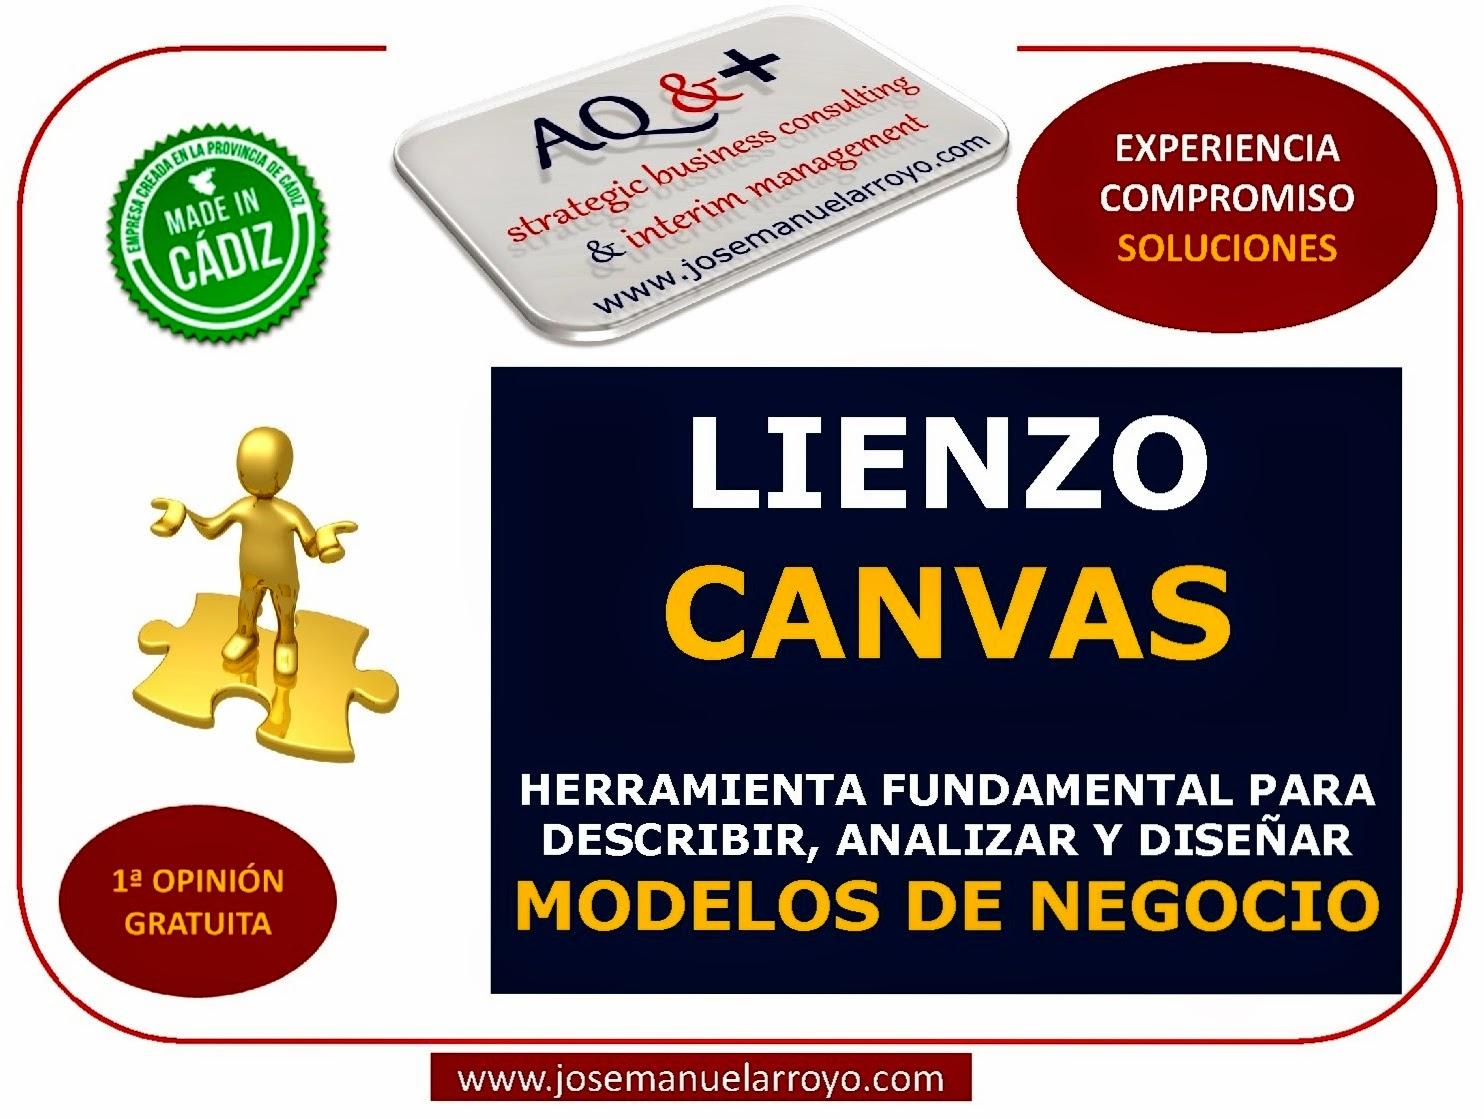 Lienzo Canvas. Generación de Modelos de Negocio.